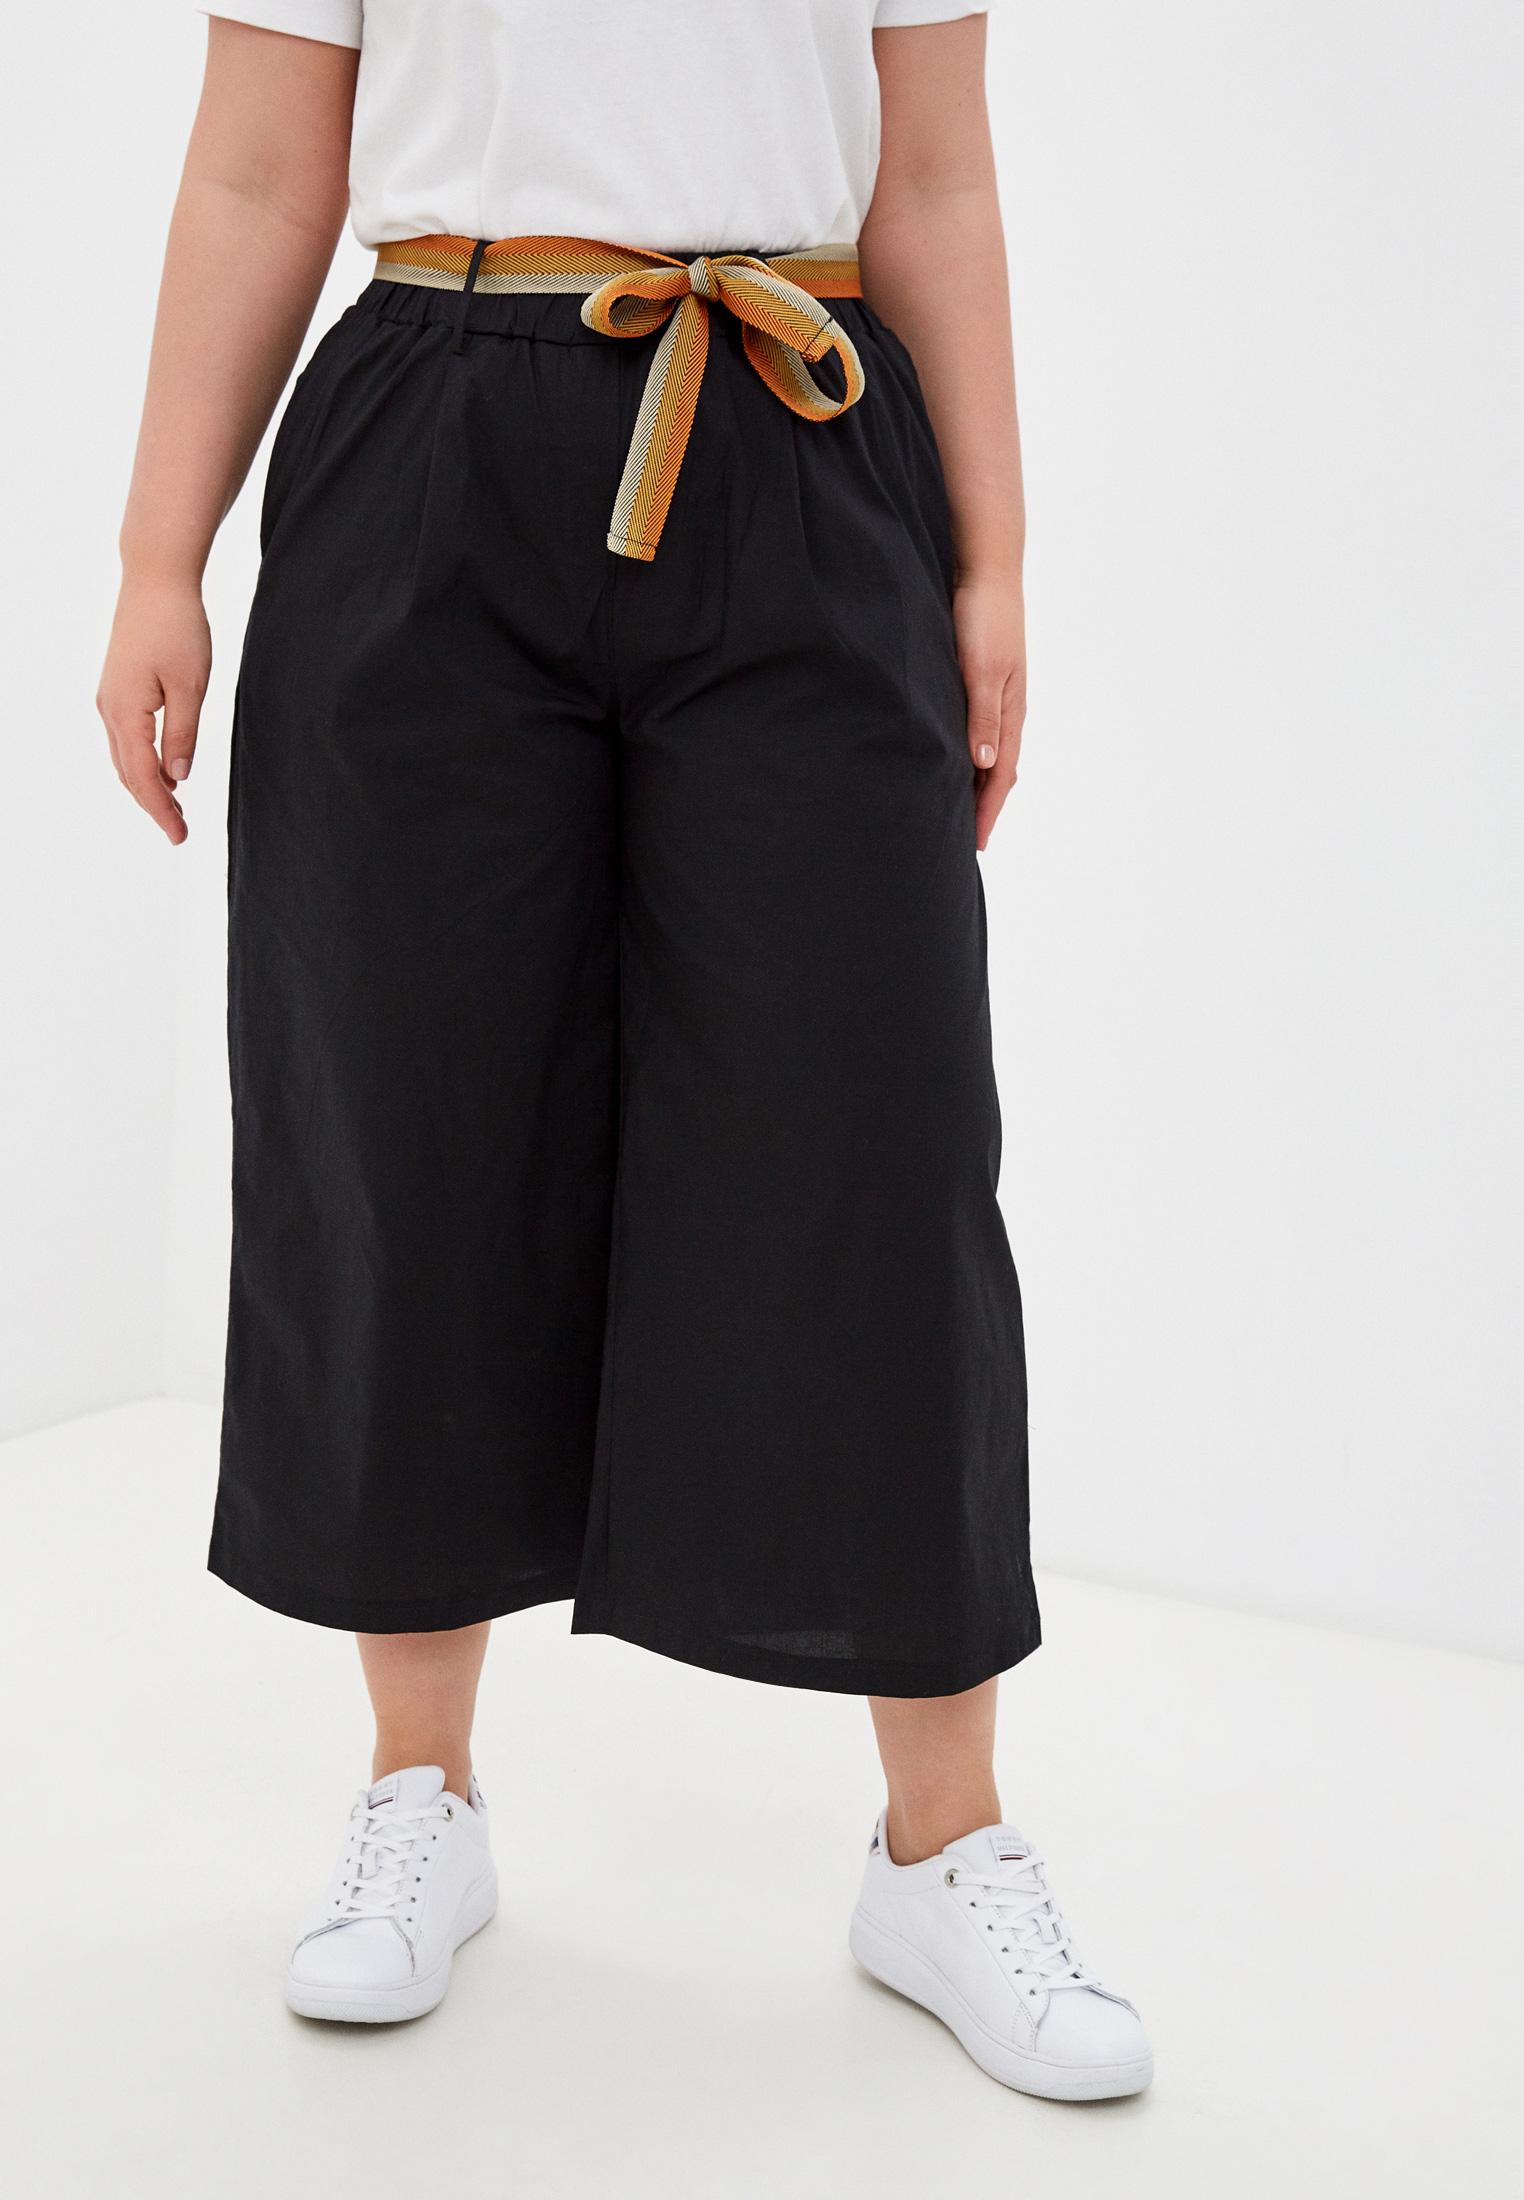 Женские широкие и расклешенные брюки Chic de Femme Брюки Chic de Femme